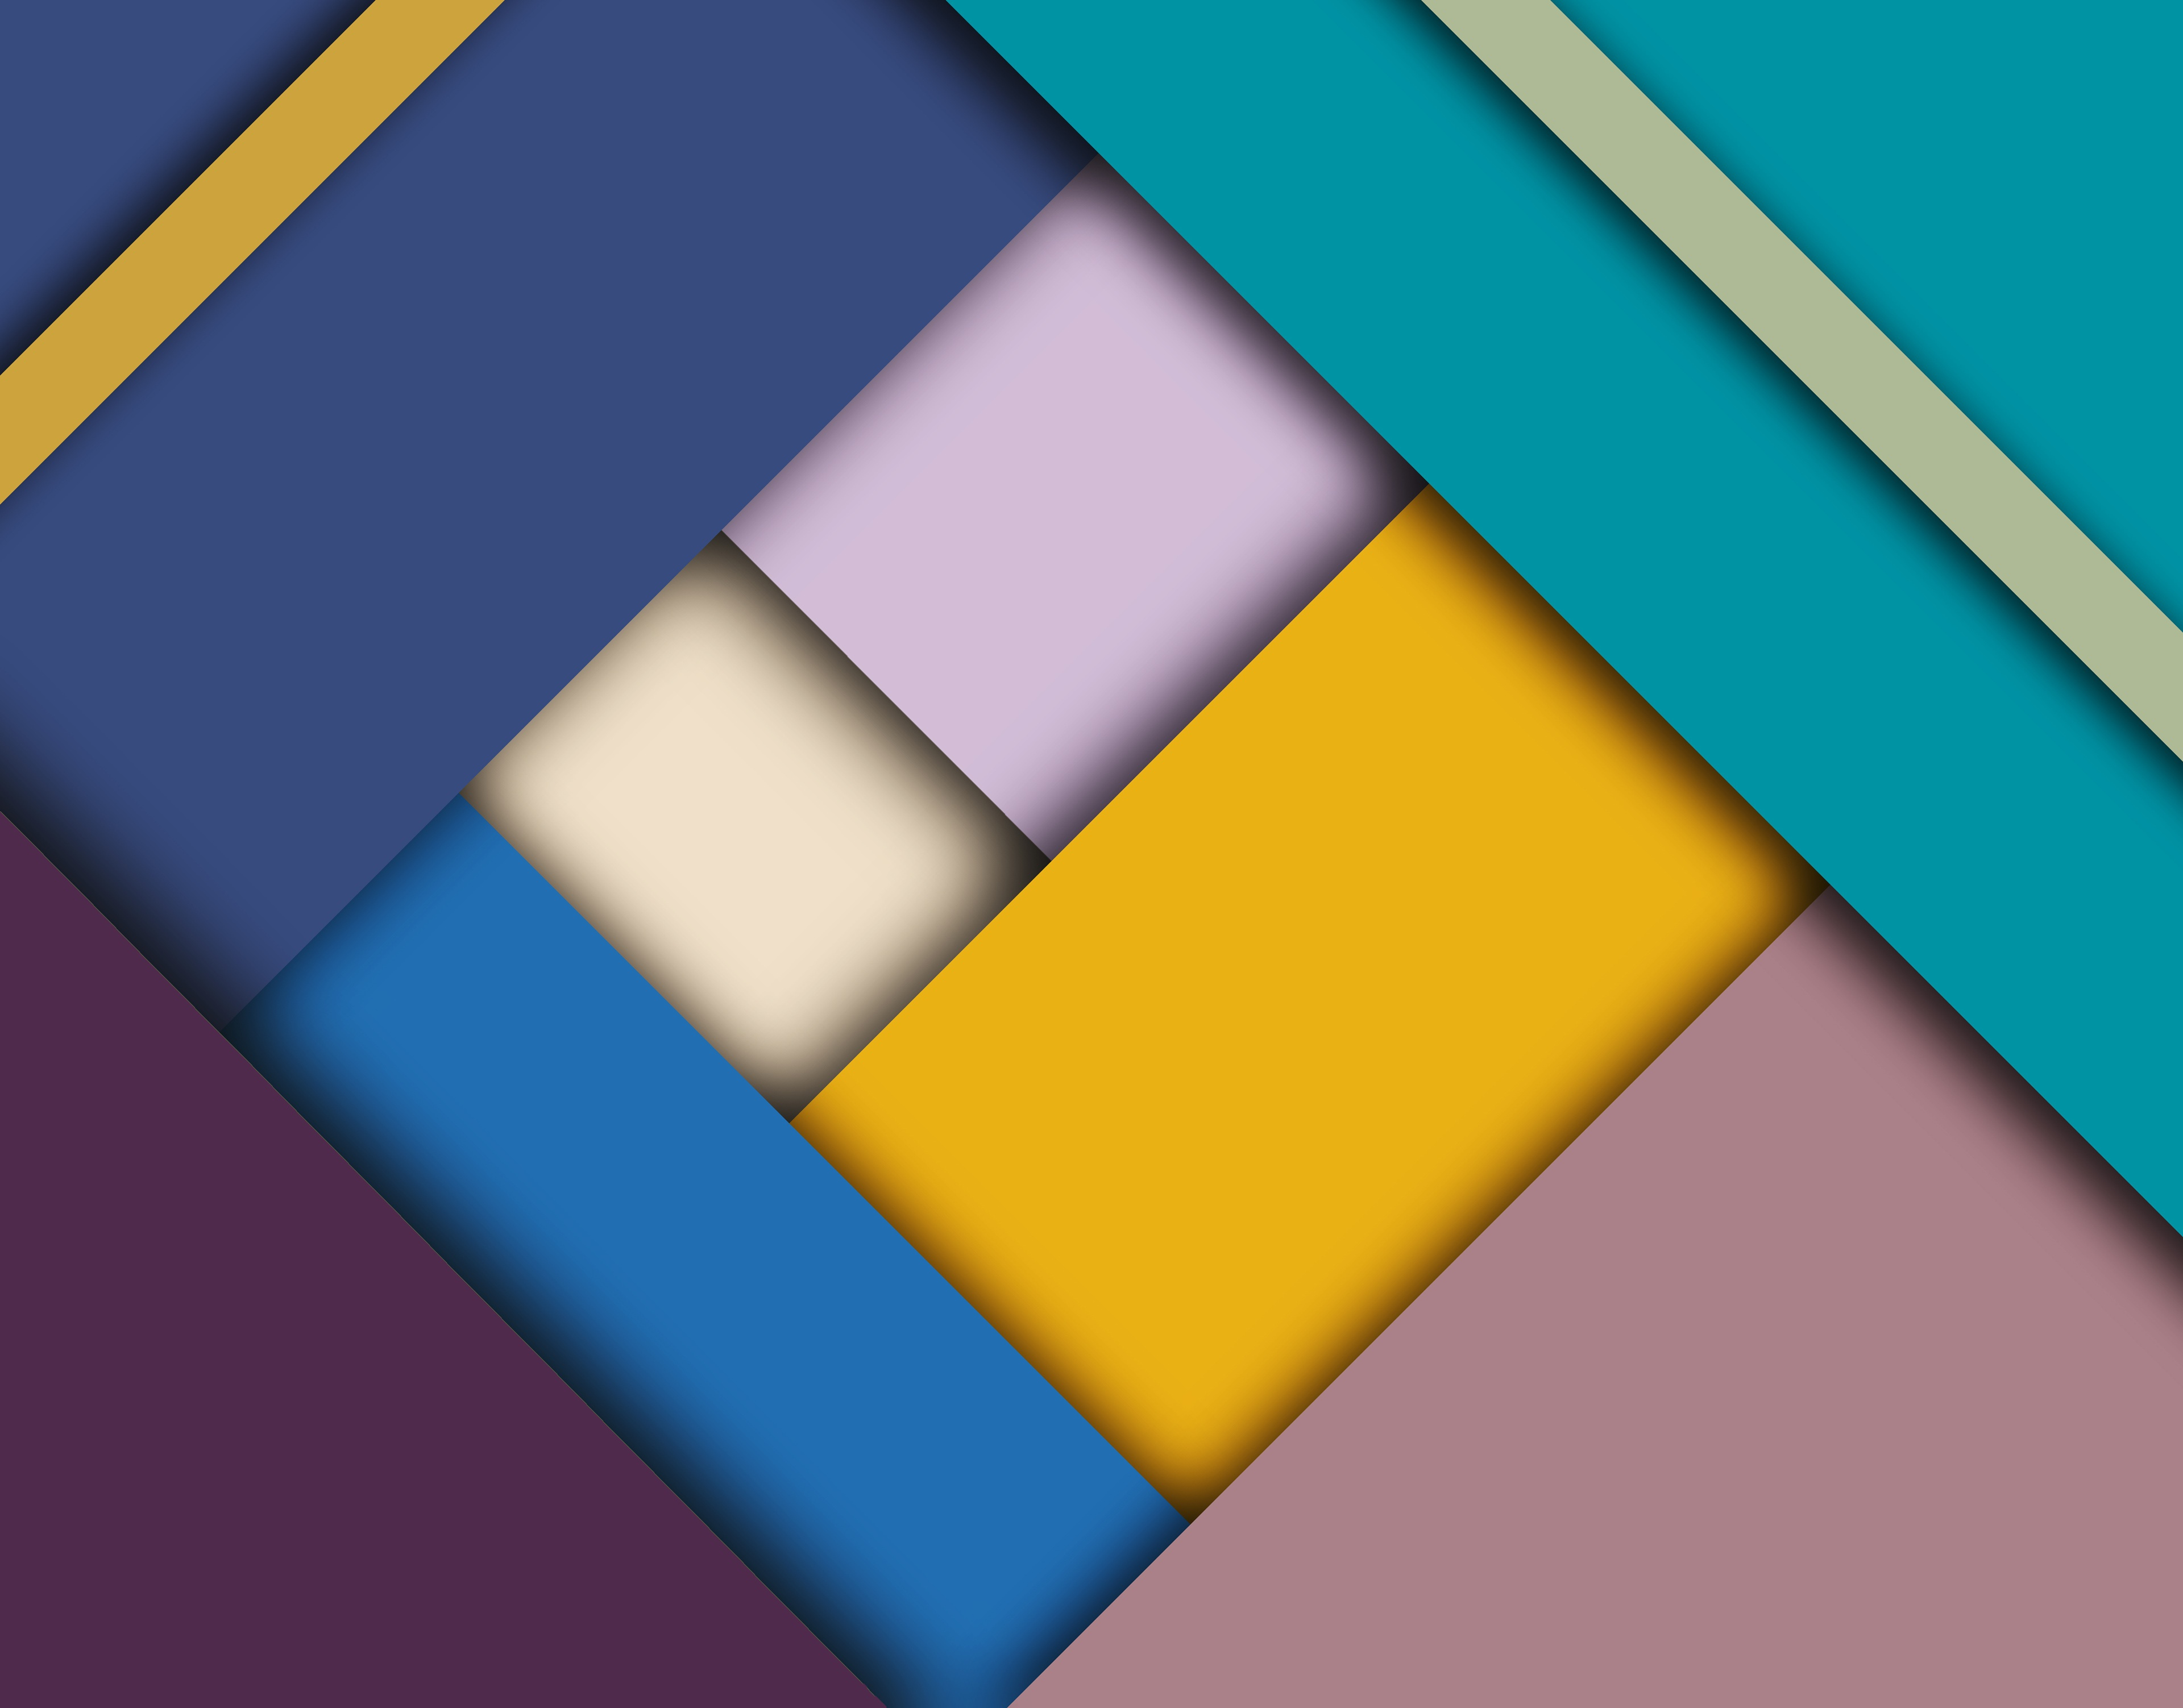 Линии фигуры material design  № 3215722 бесплатно